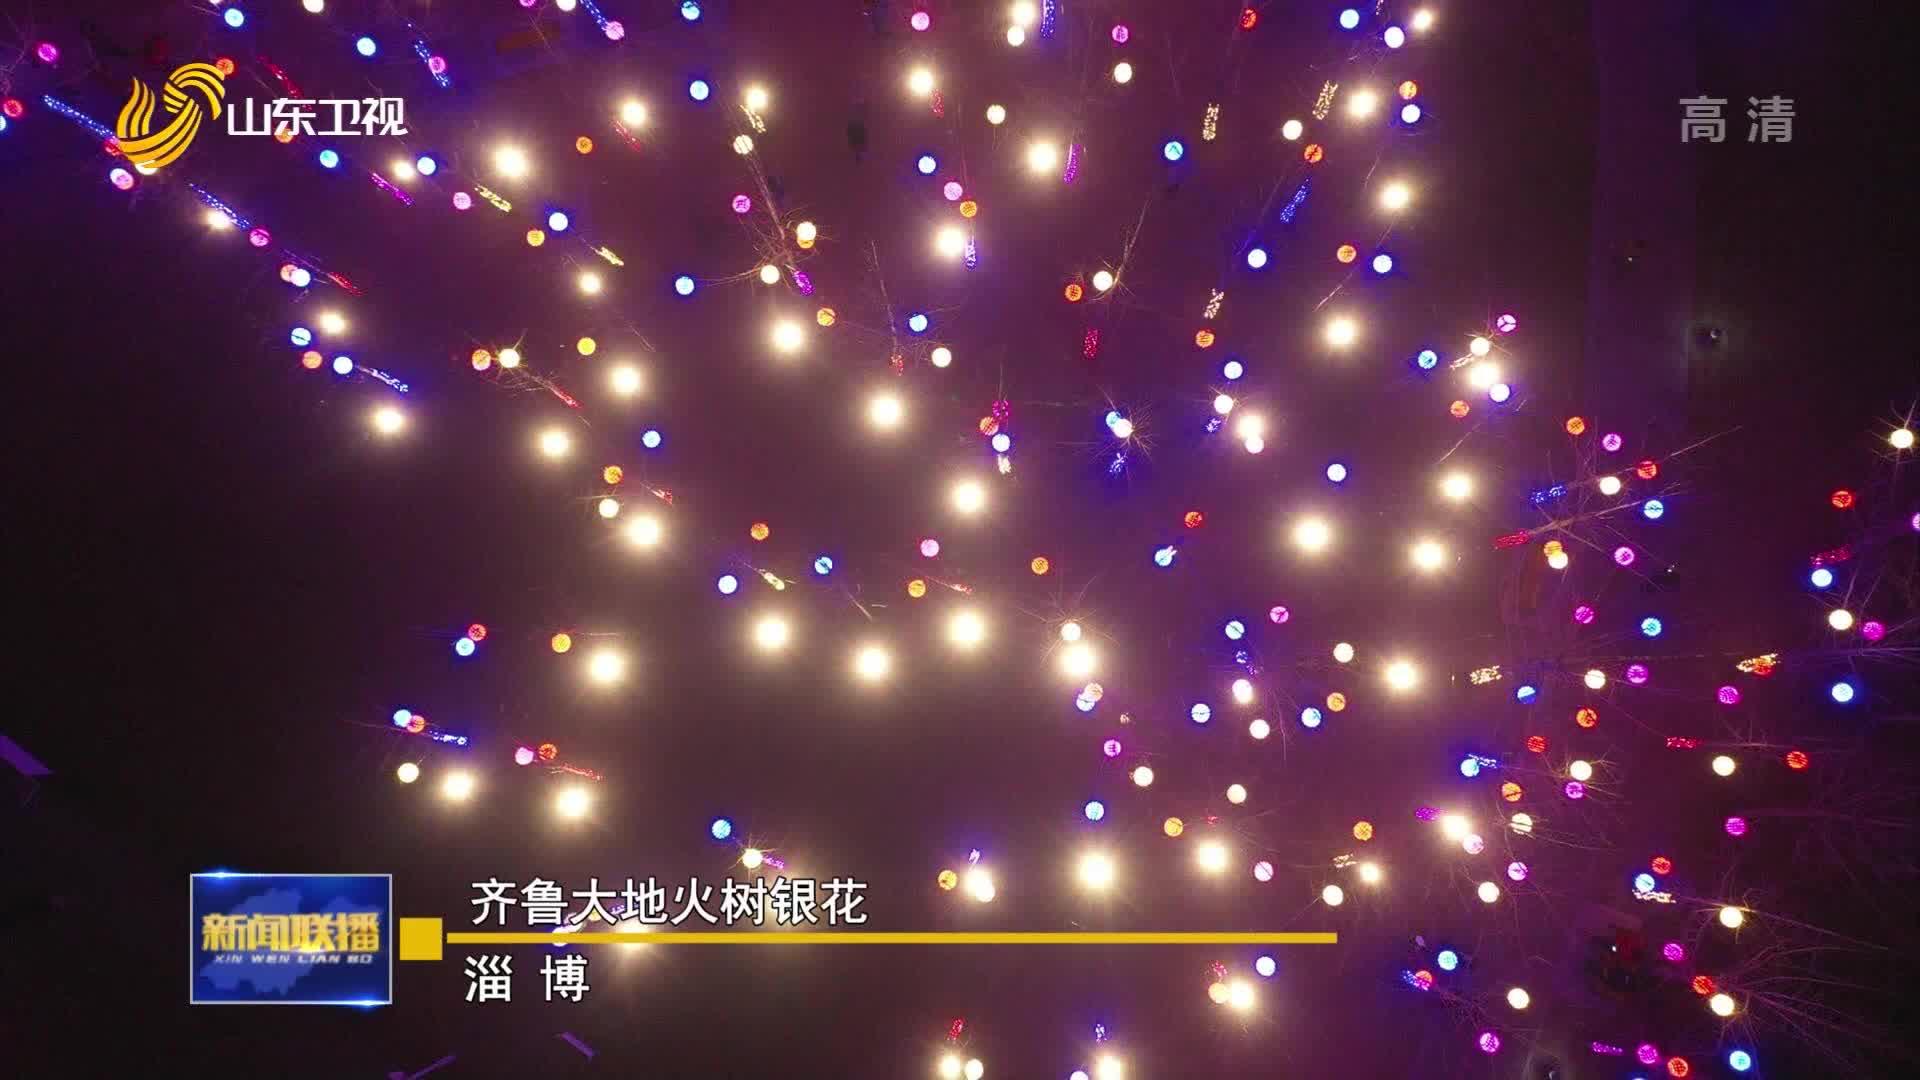 【开放结尾】火树银花 喜迎新春